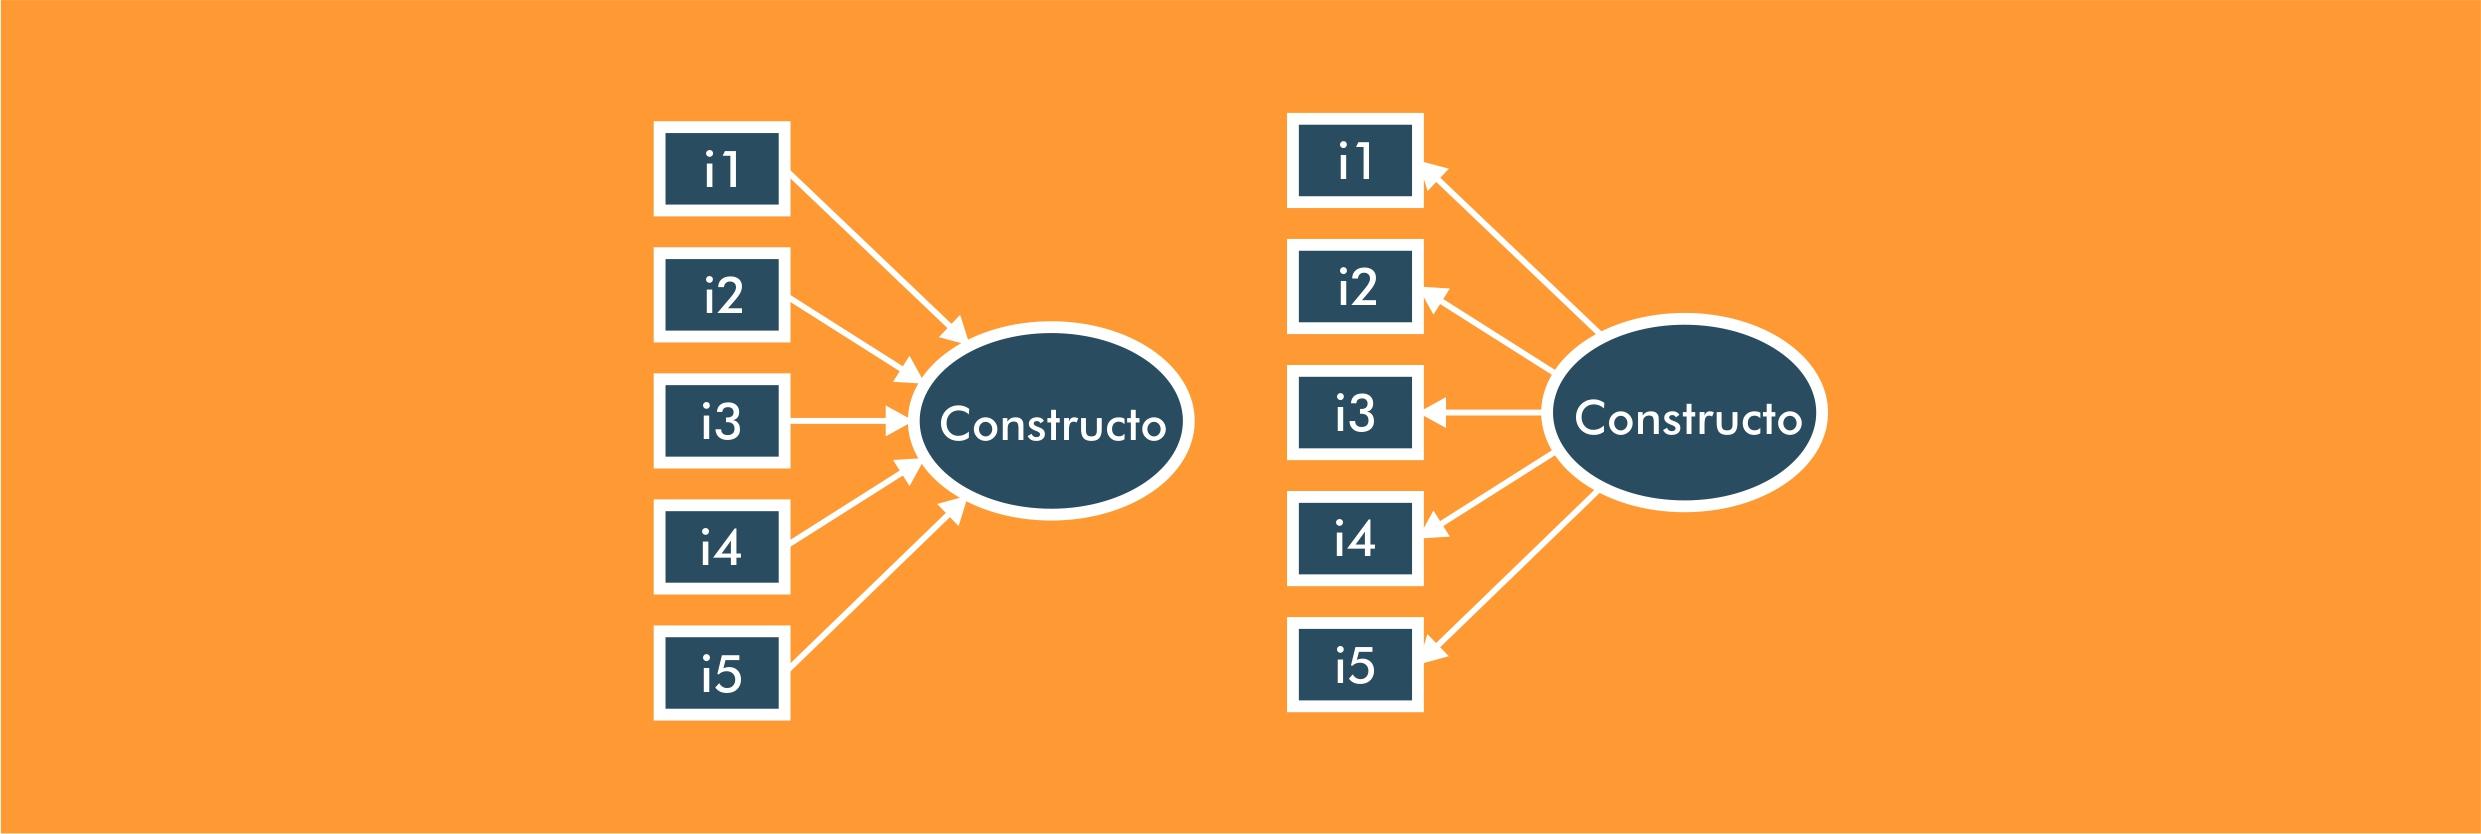 Constructos formativos e reflexivos